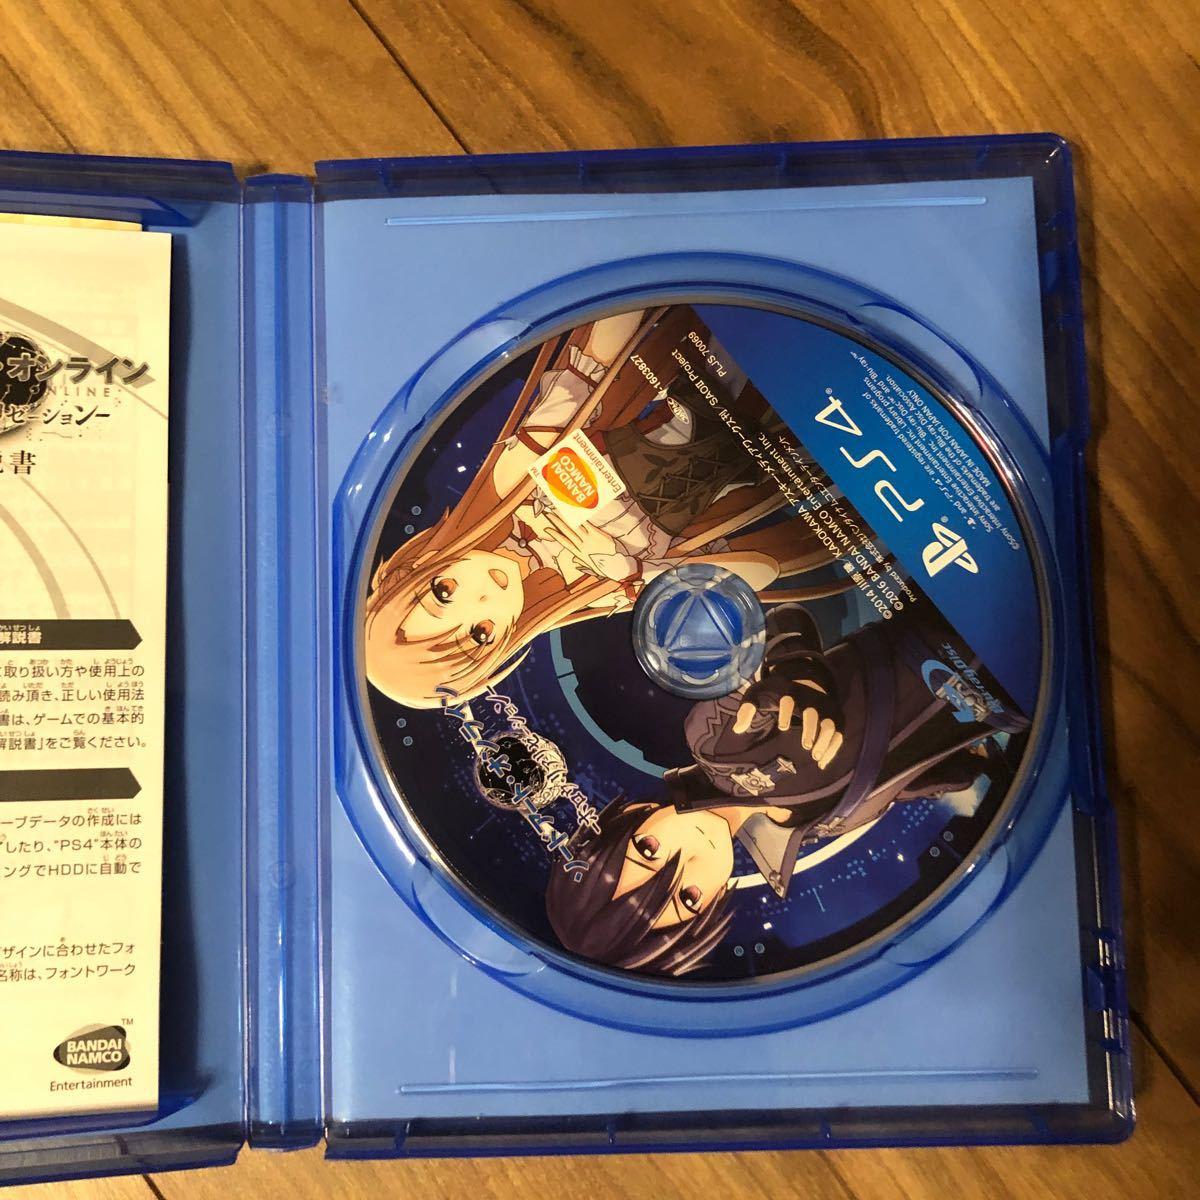 PS4 ソードアートオンライン ホロウリアリゼーション